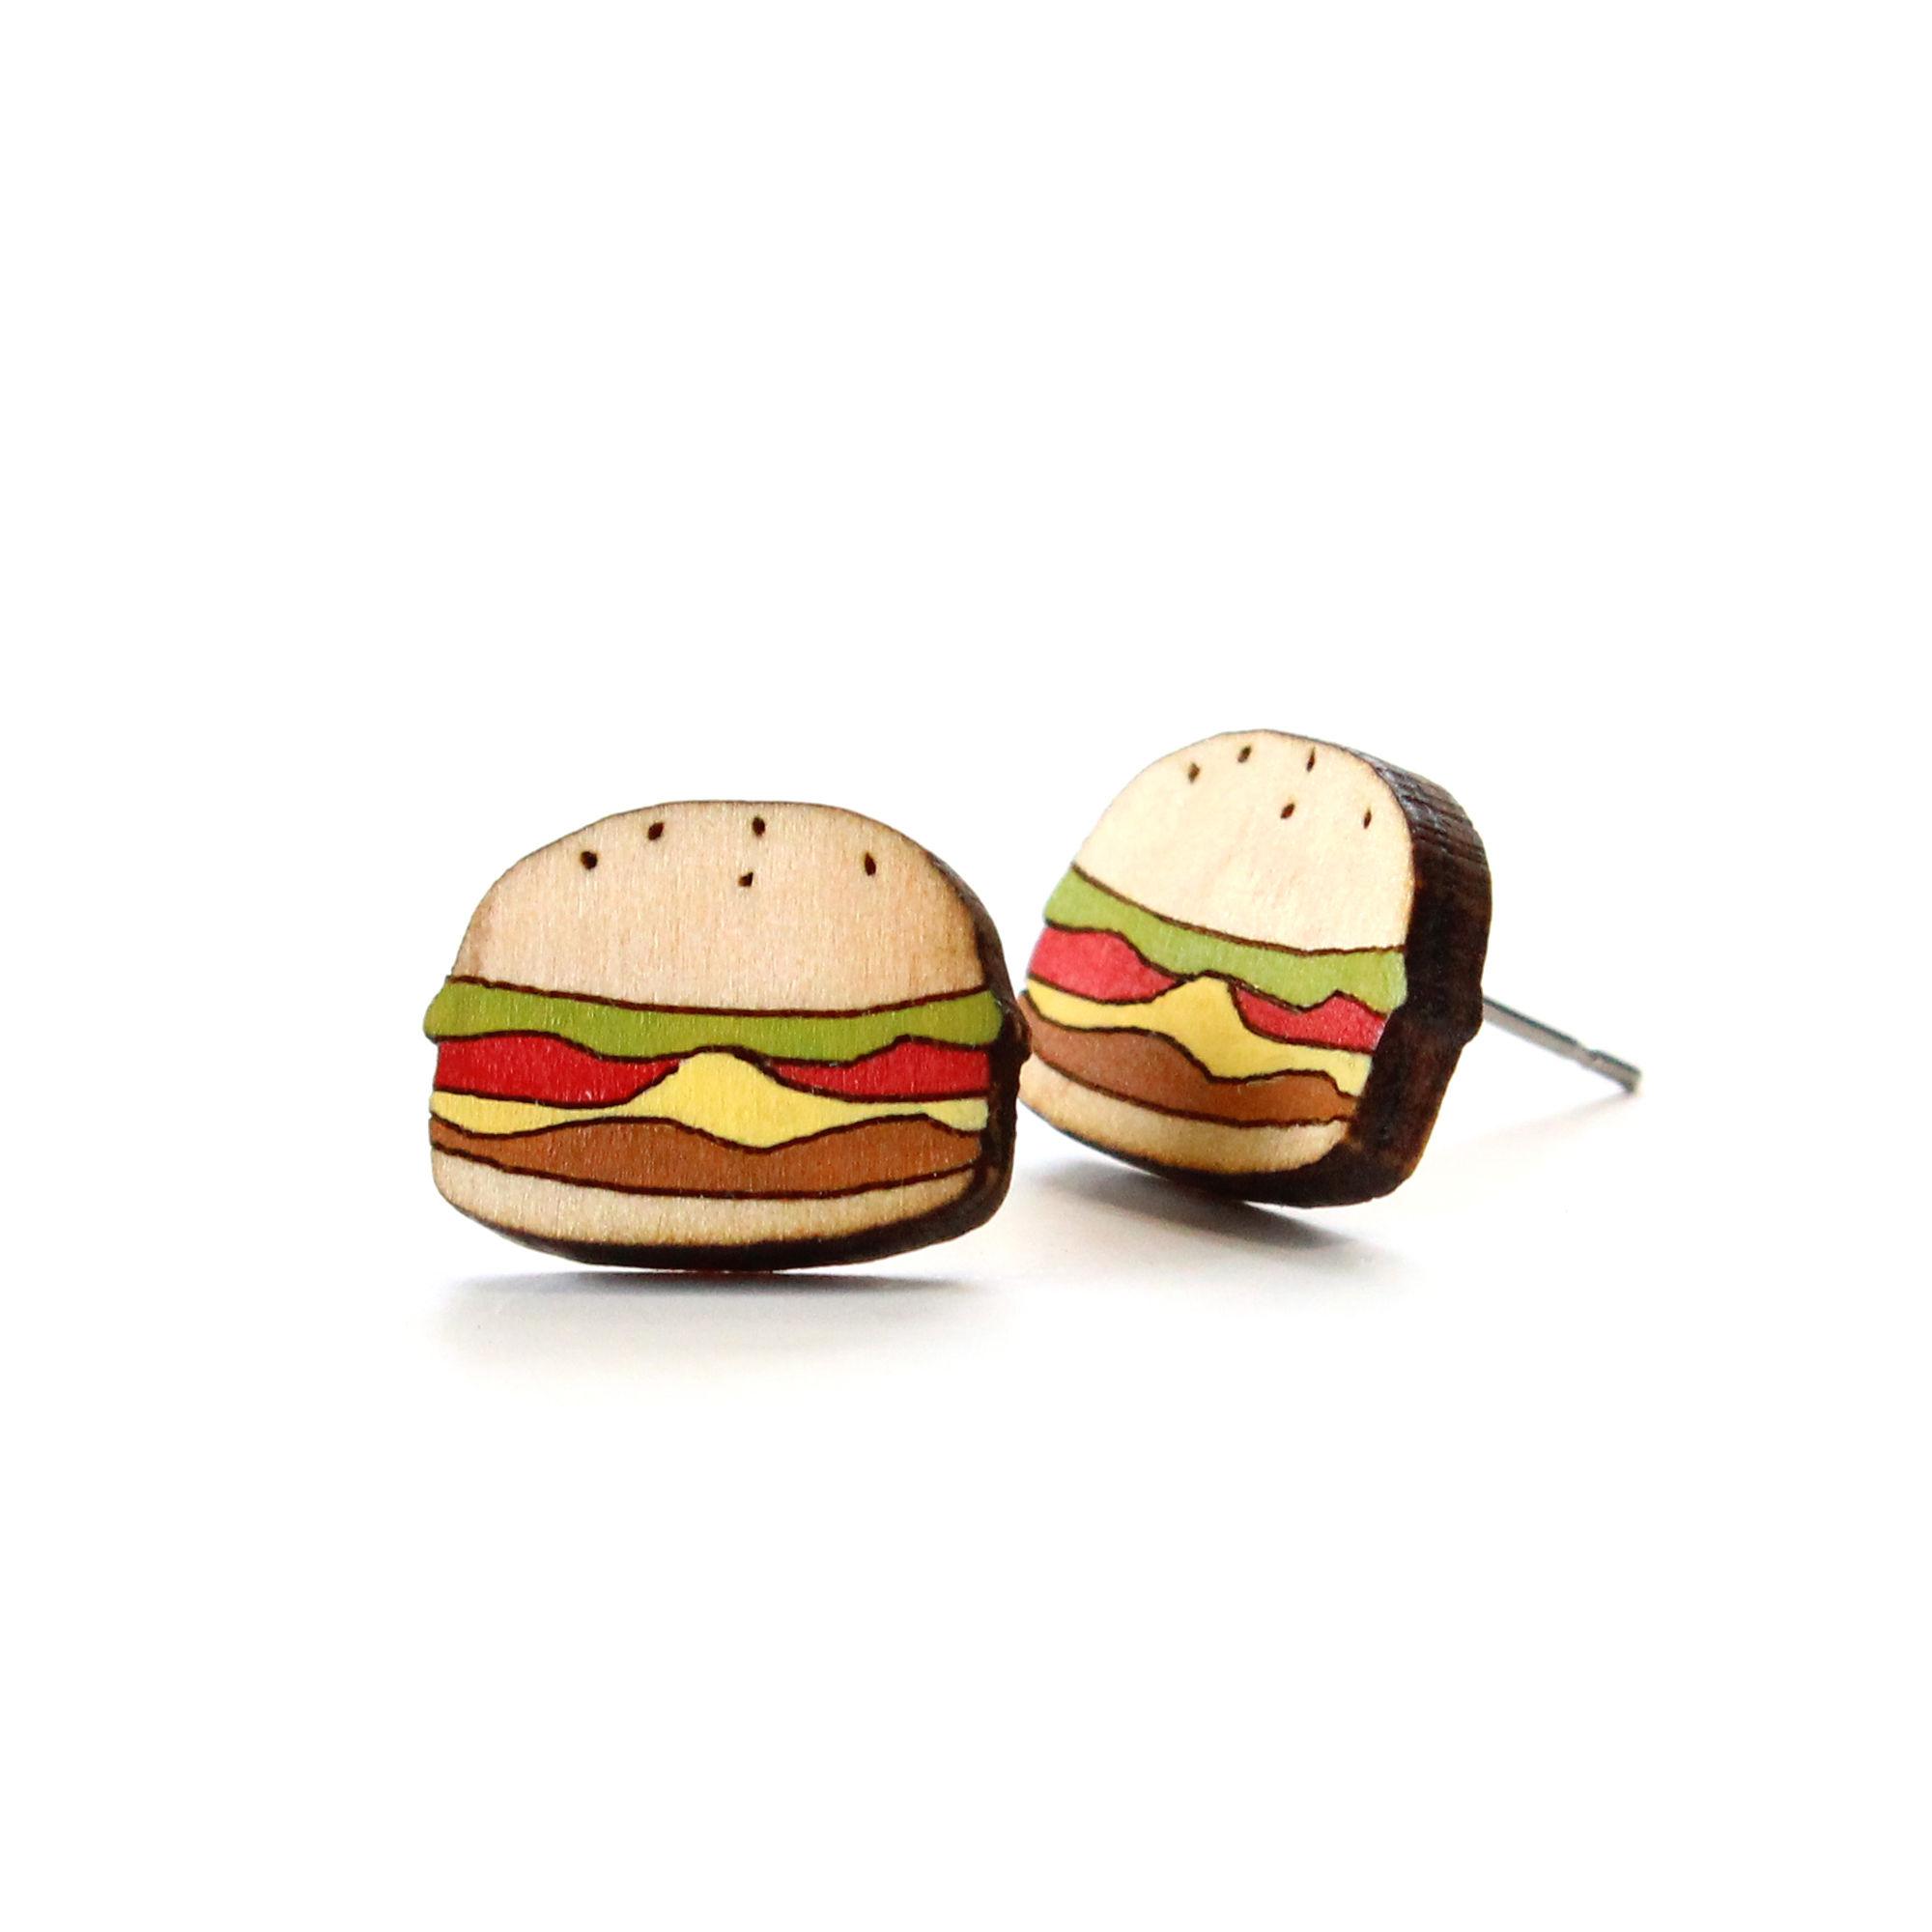 ハンバーガーの木製ピアス/イヤリング